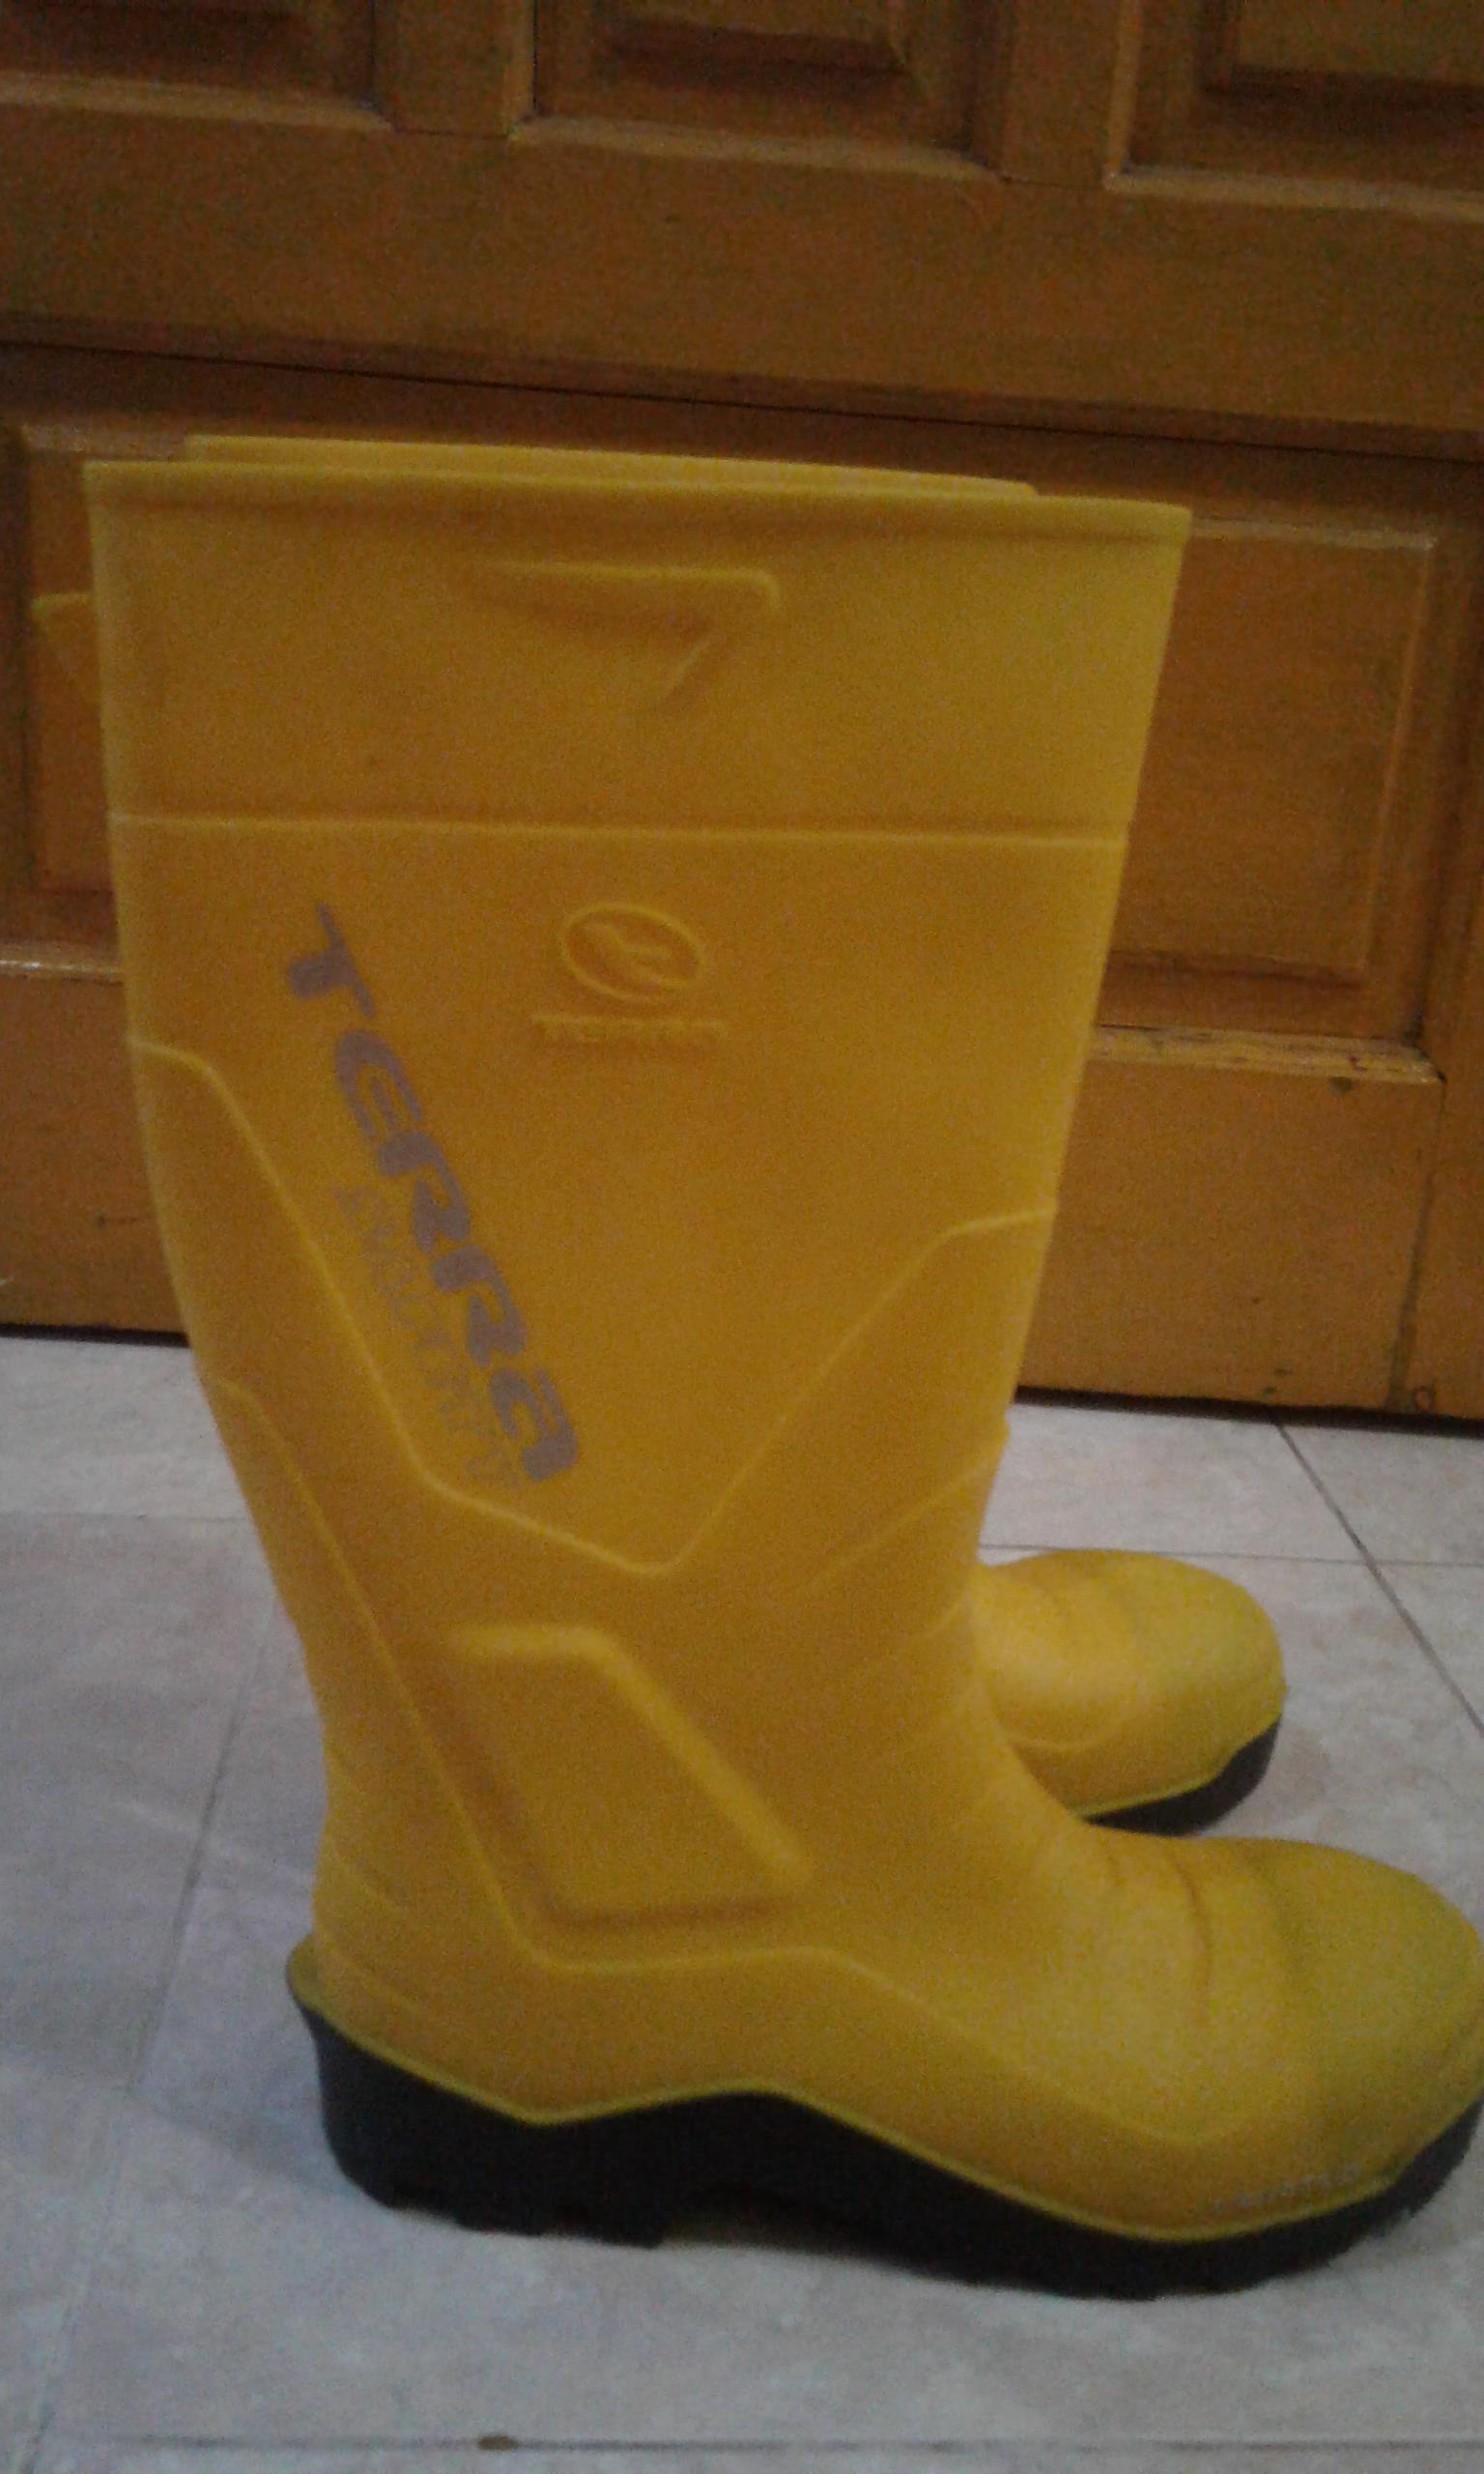 Jual Sepatu Karet AP Booth Type Terra Safety Harga Murah